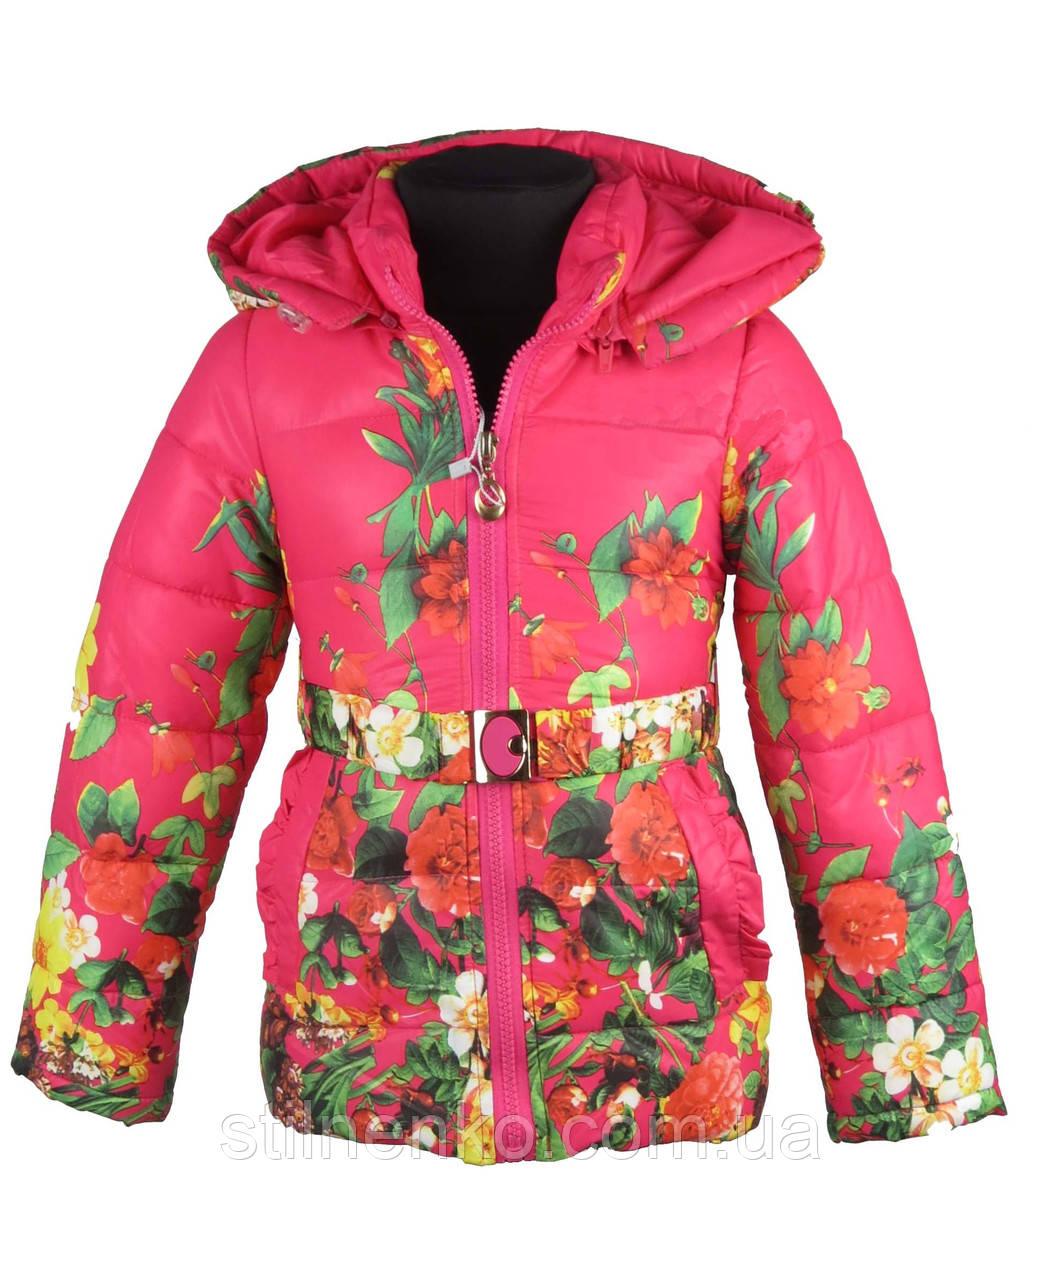 Куртка демисезонная для девочки 2-6лет. Цвет малиновый